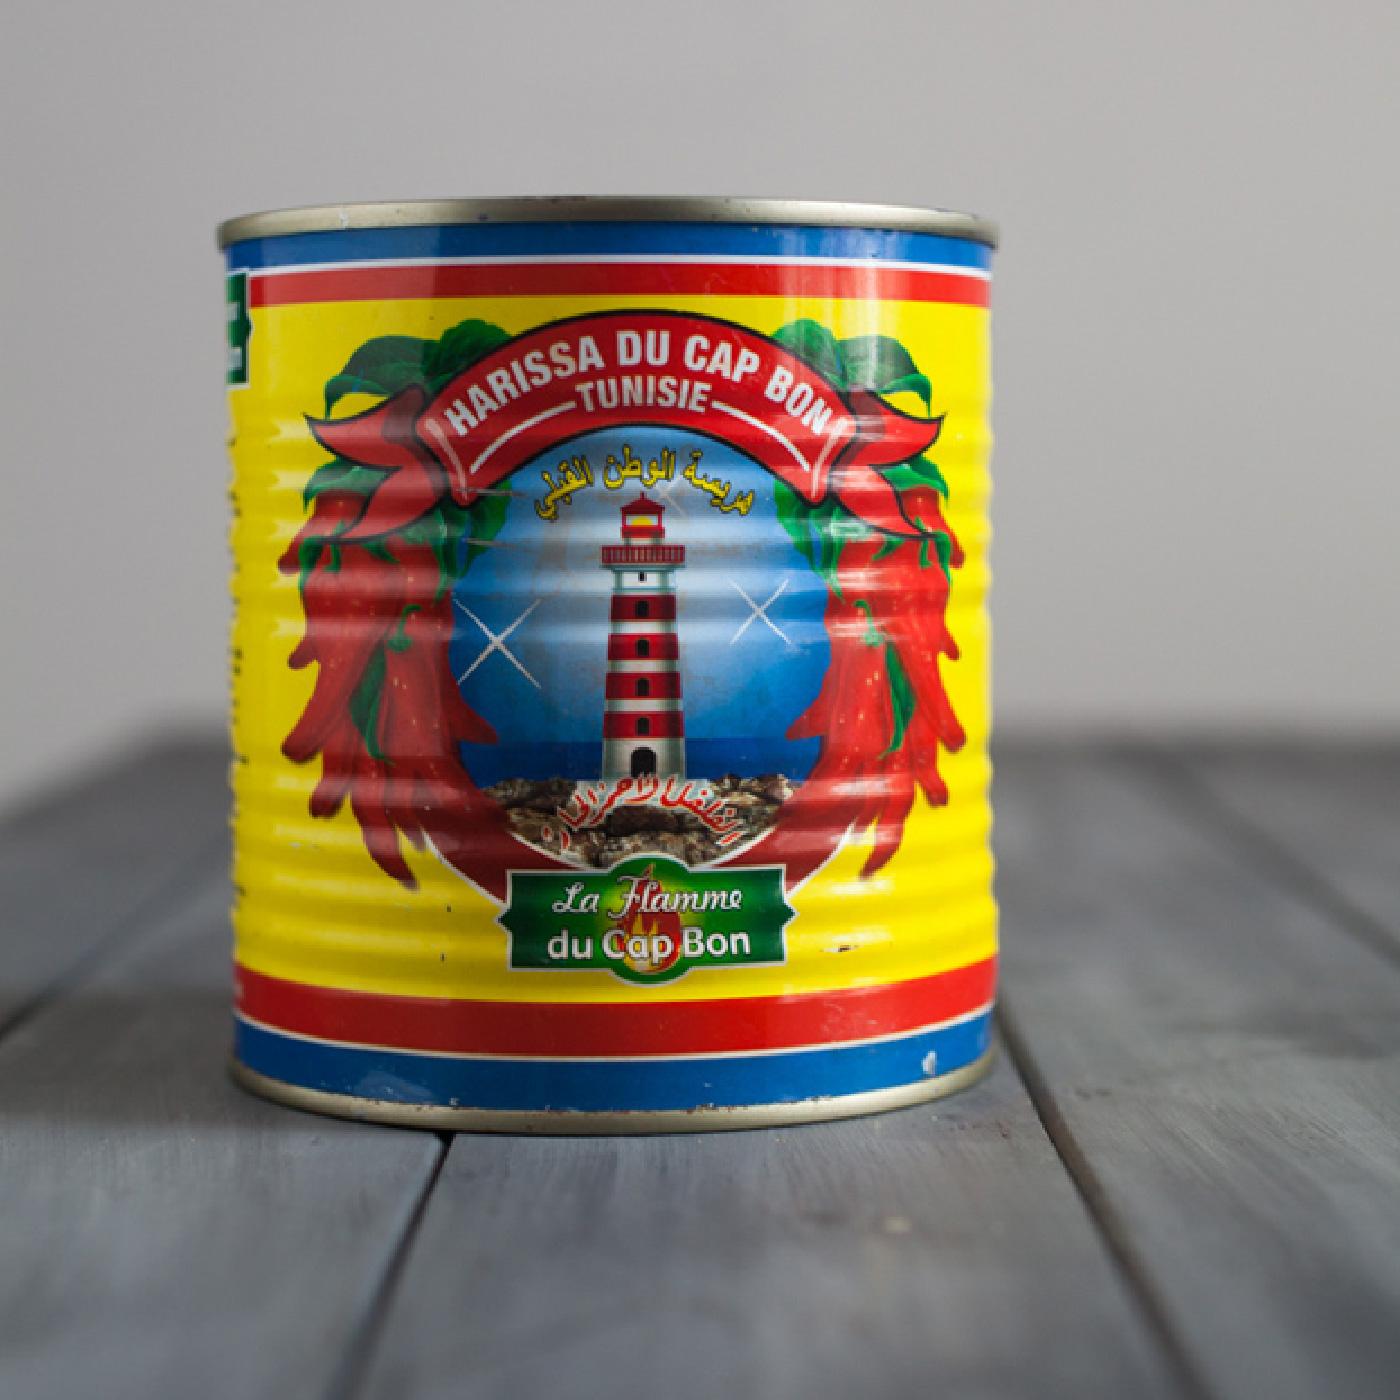 Tin of Harissa